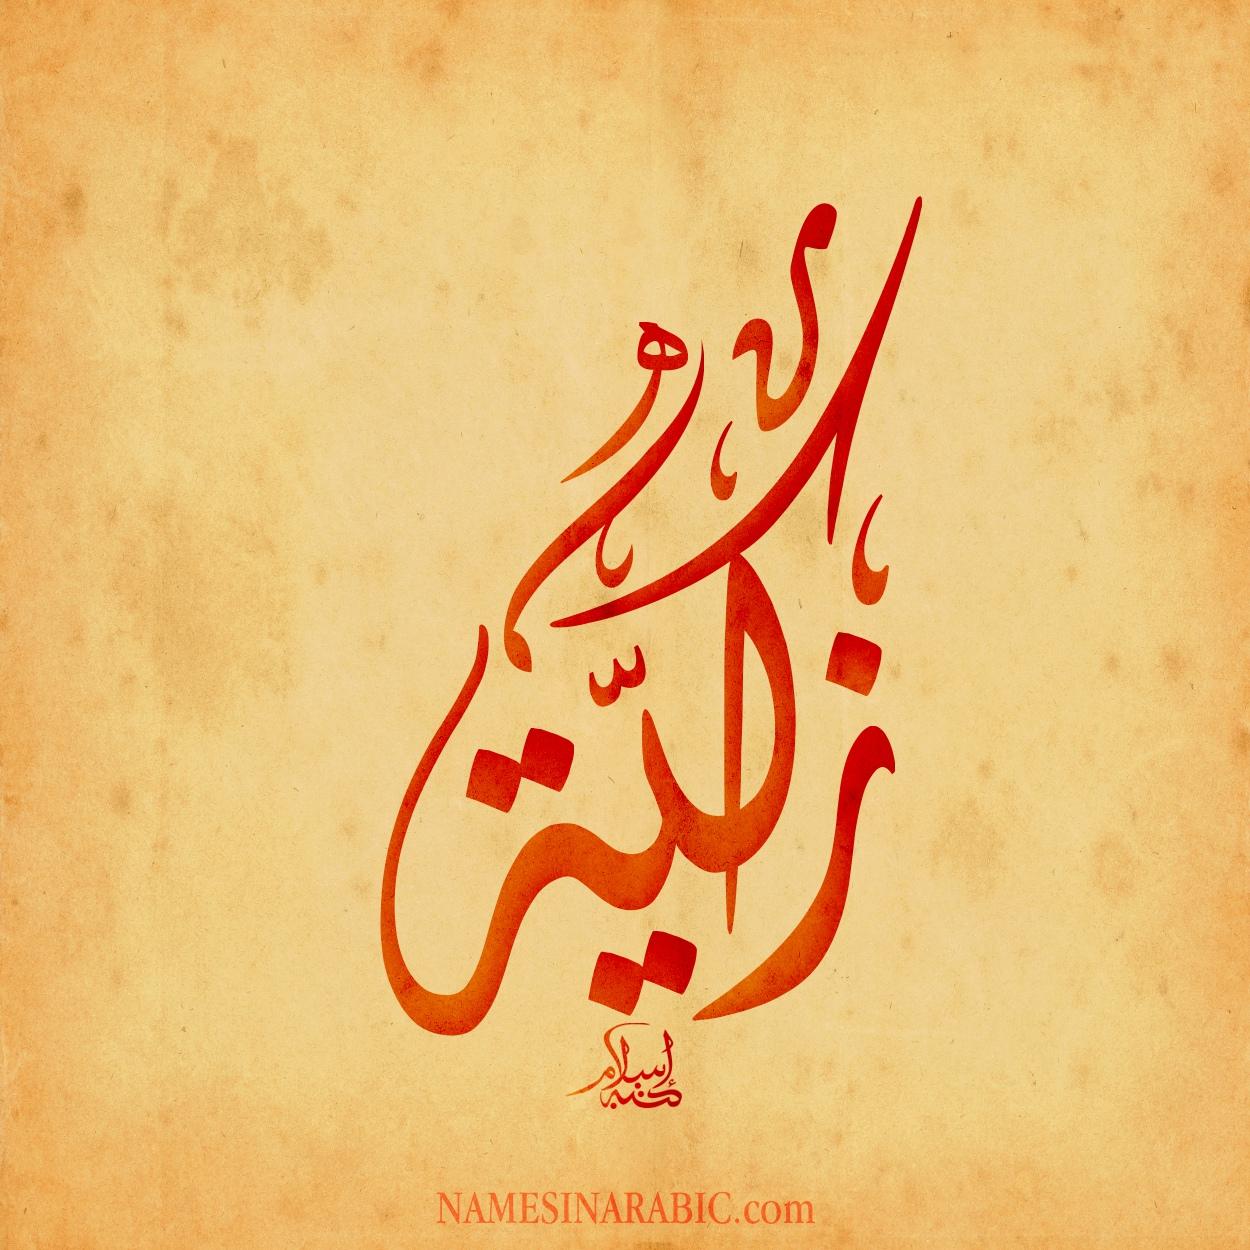 صورة اسم زكيَّة ZKIAH اسم زكيَّة بالخط العربي من موقع الأسماء بالخط العربي بريشة الفنان إسلام ابن الفضل